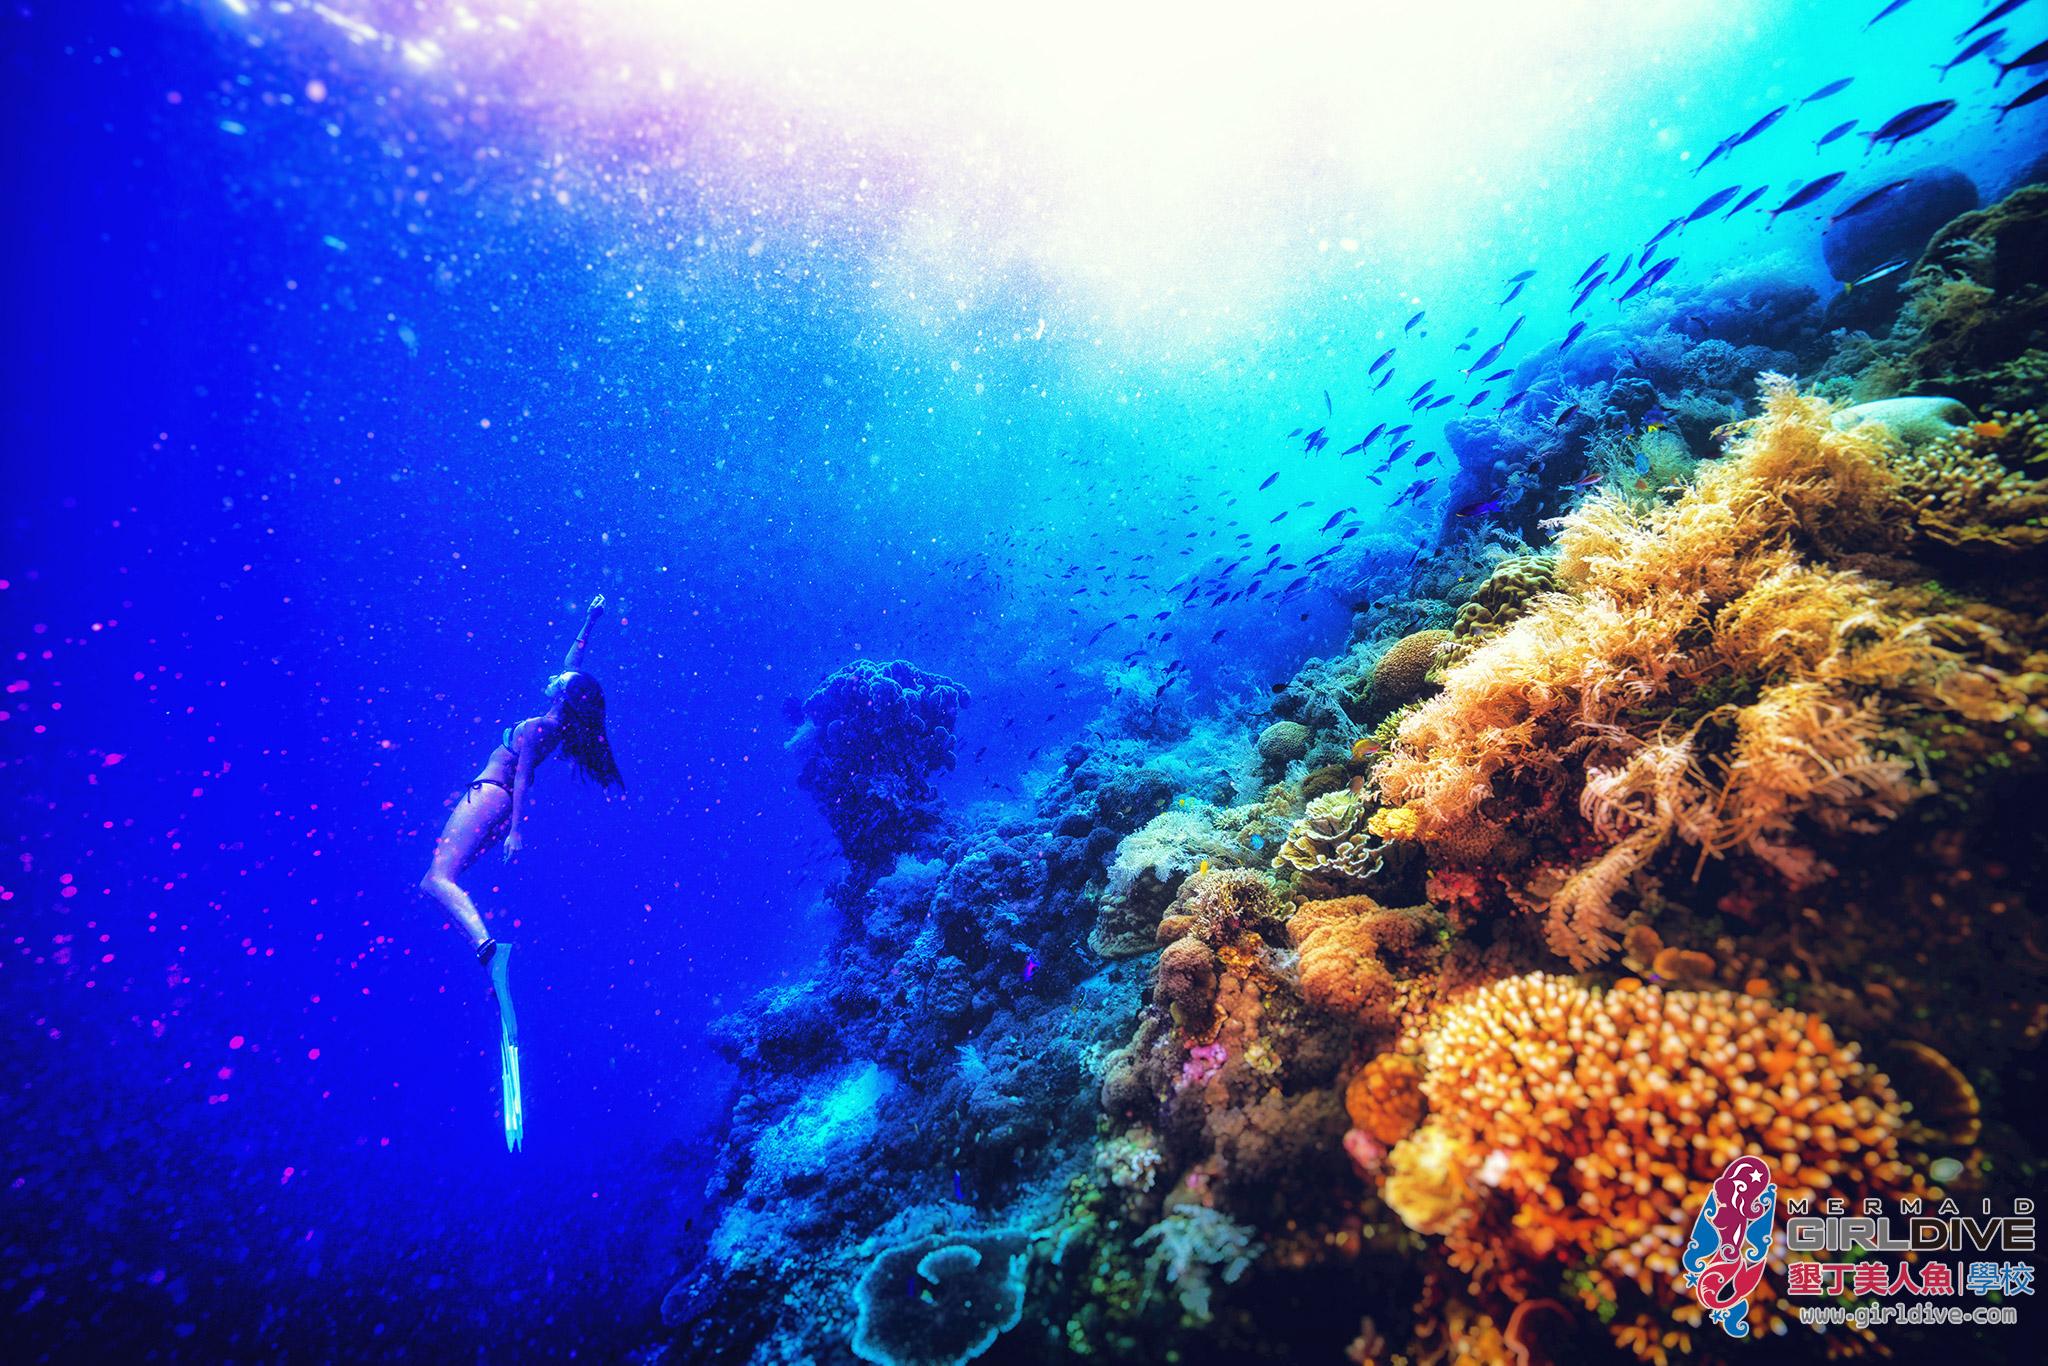 菲律賓,宿霧,寫真,自由潛水,行程